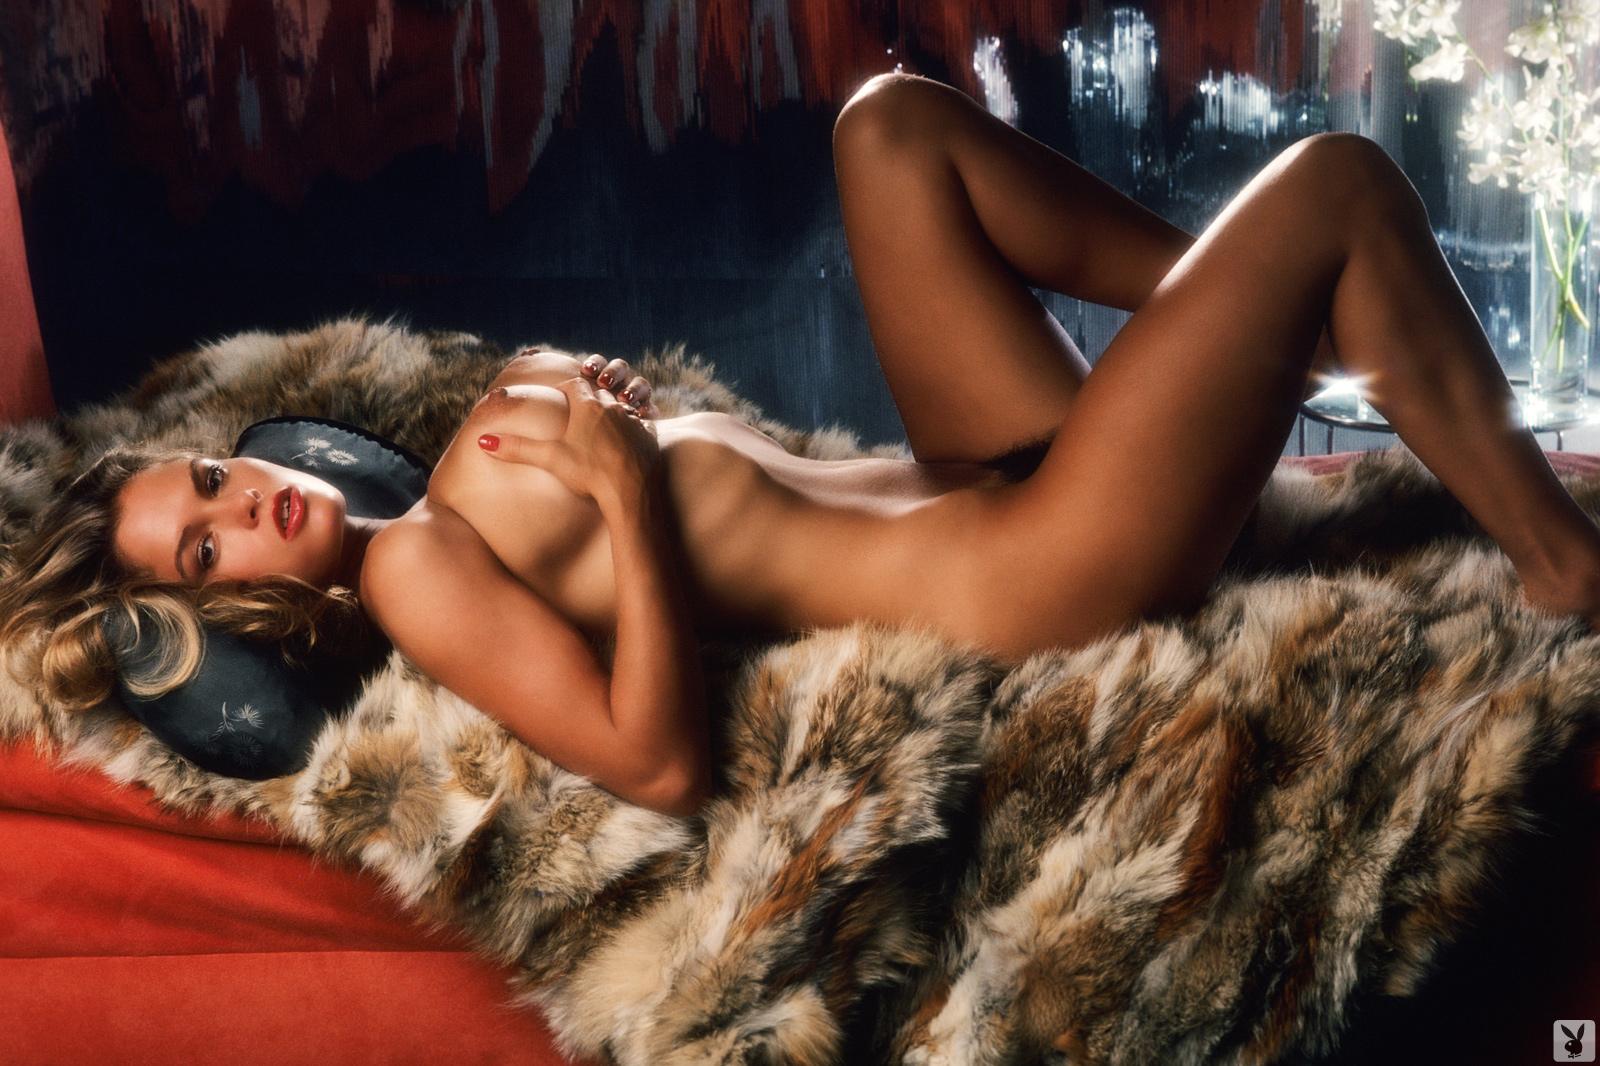 eroticheskie-foto-devushek-mesyatsa-foto-udivitelnogo-seksa